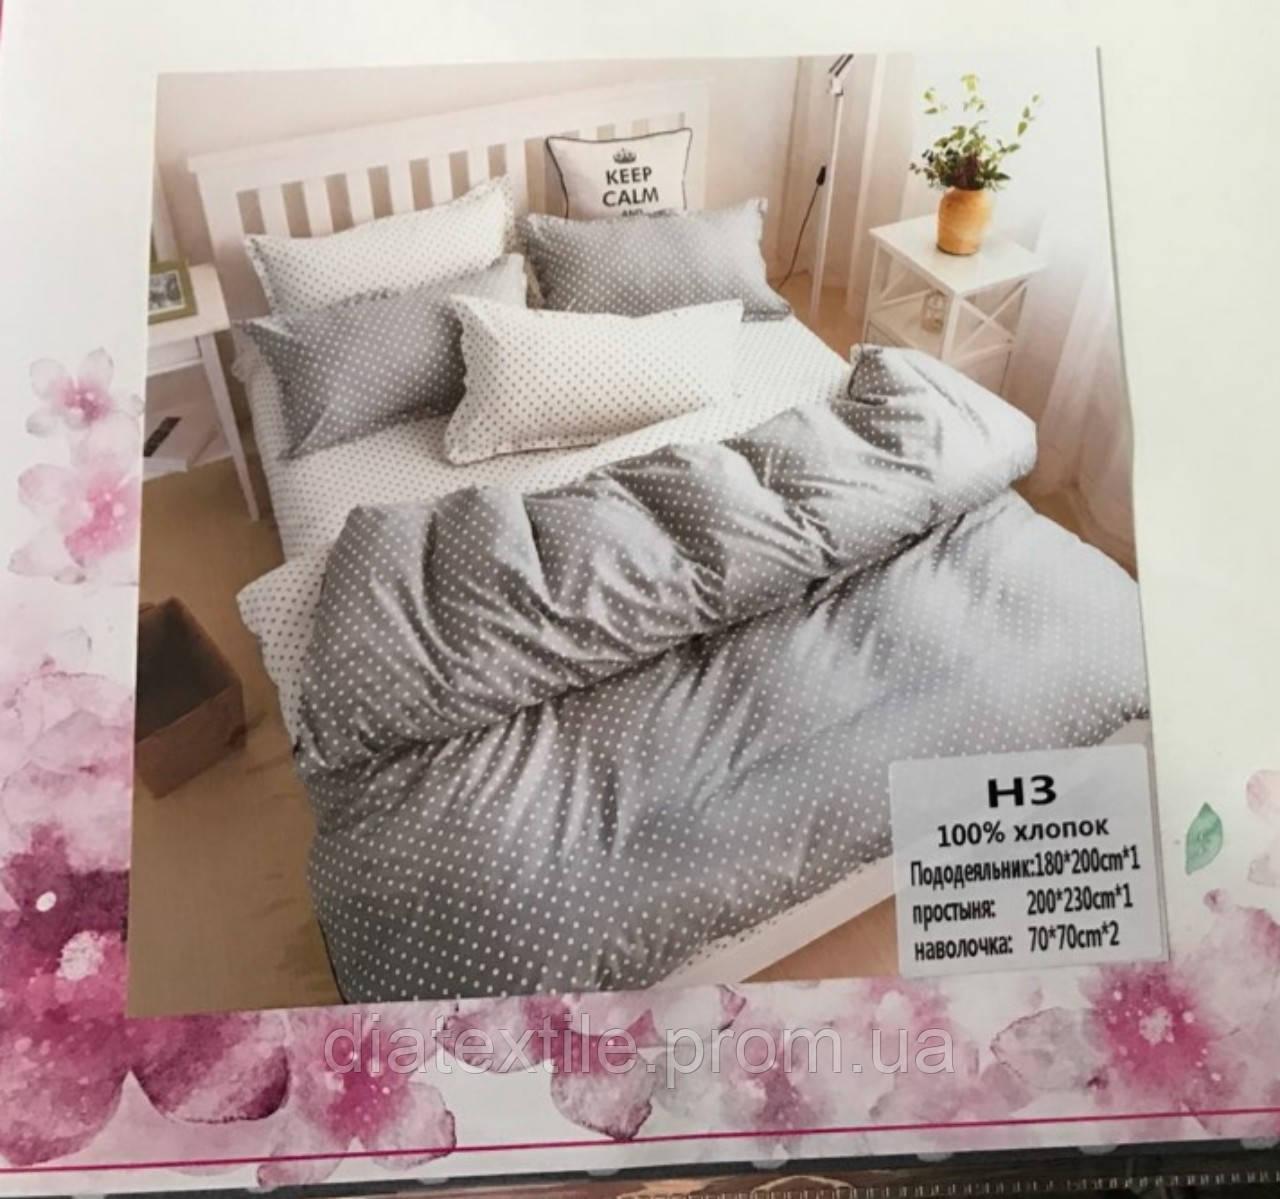 Стильный постельный комплект 200*230 (Євро) 5Д